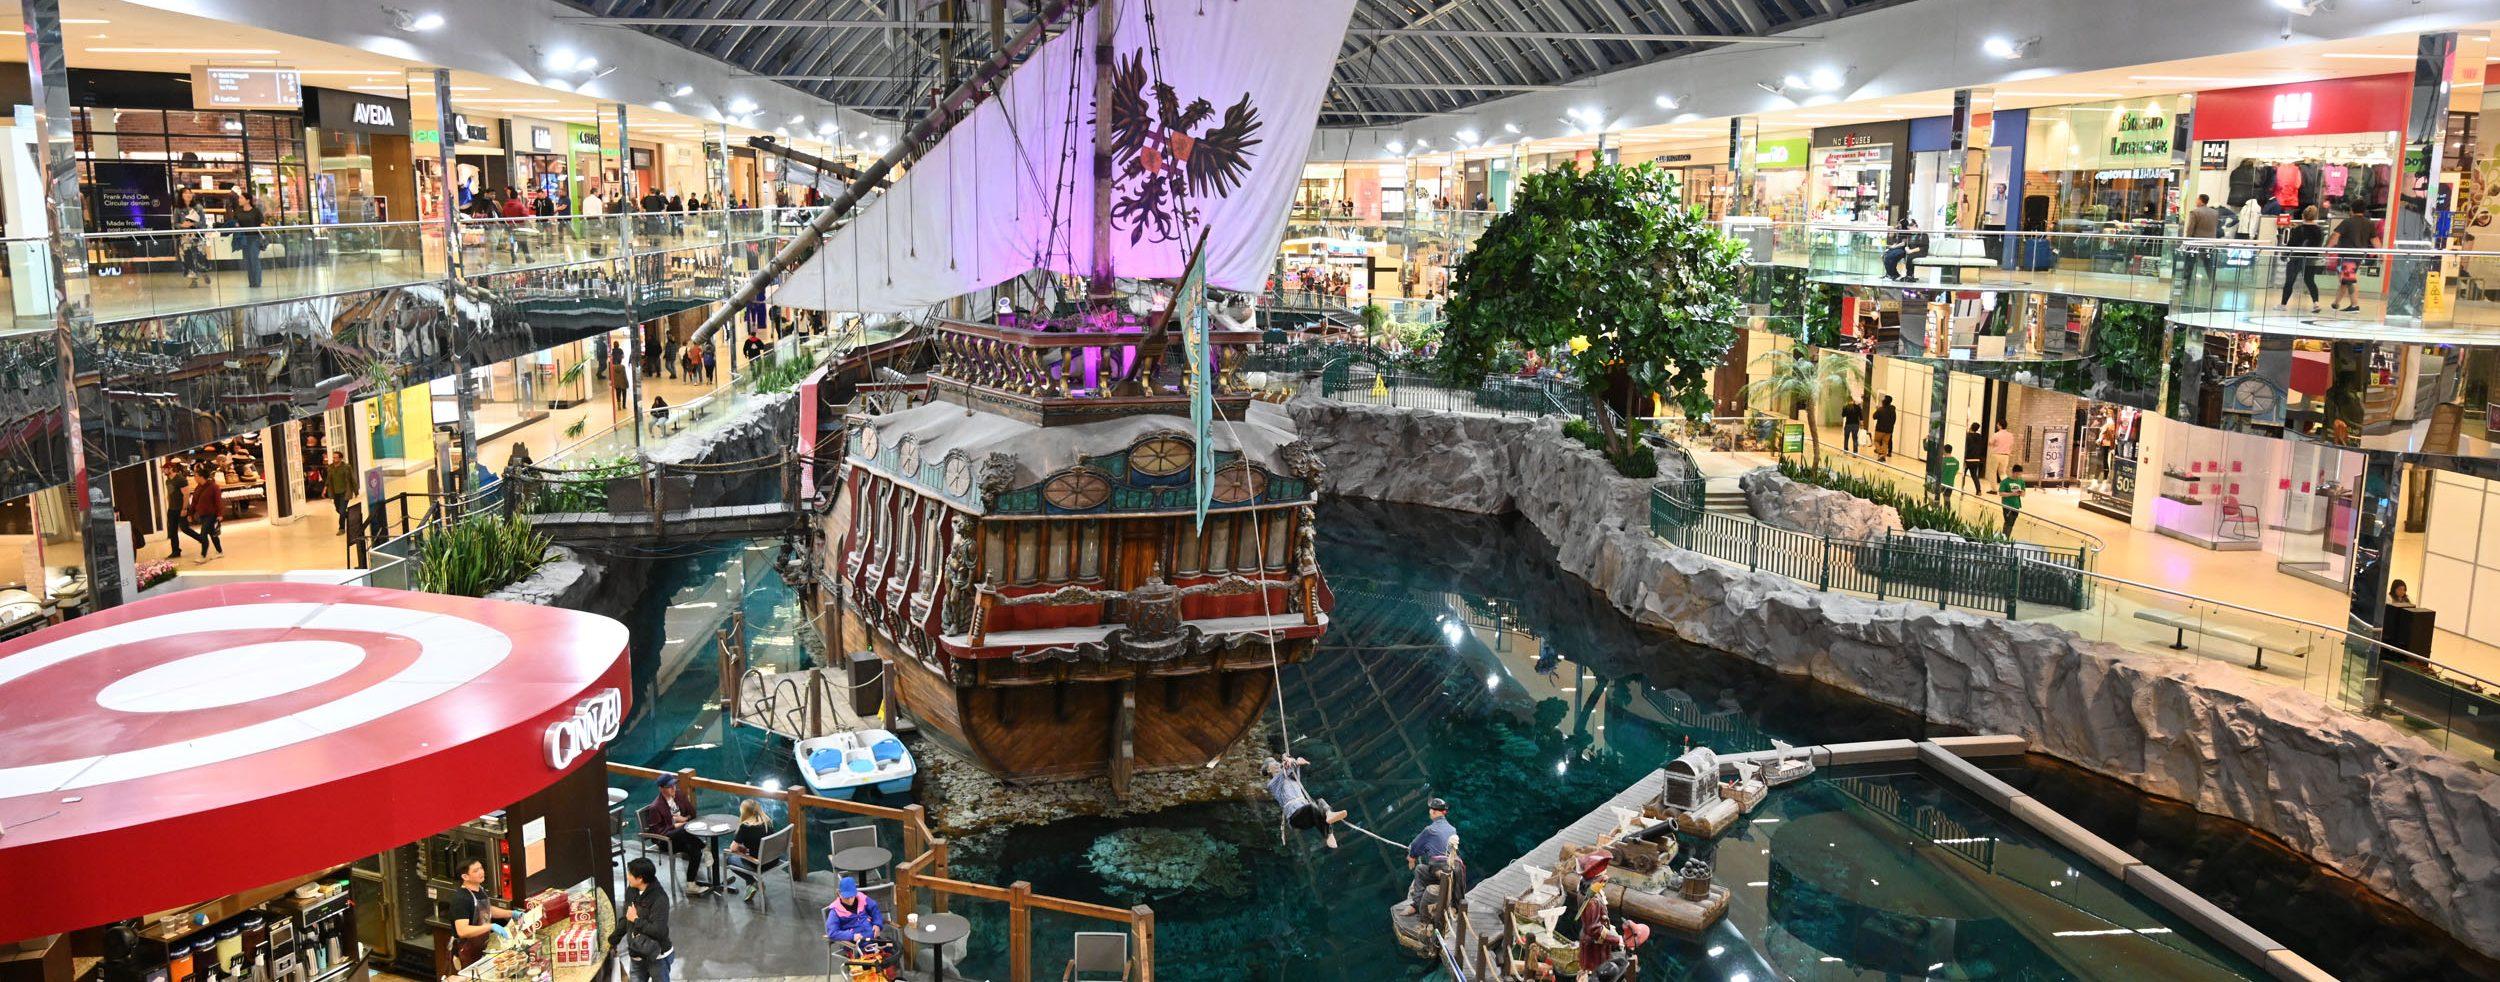 Piratenschiff im Einkaufszentrum